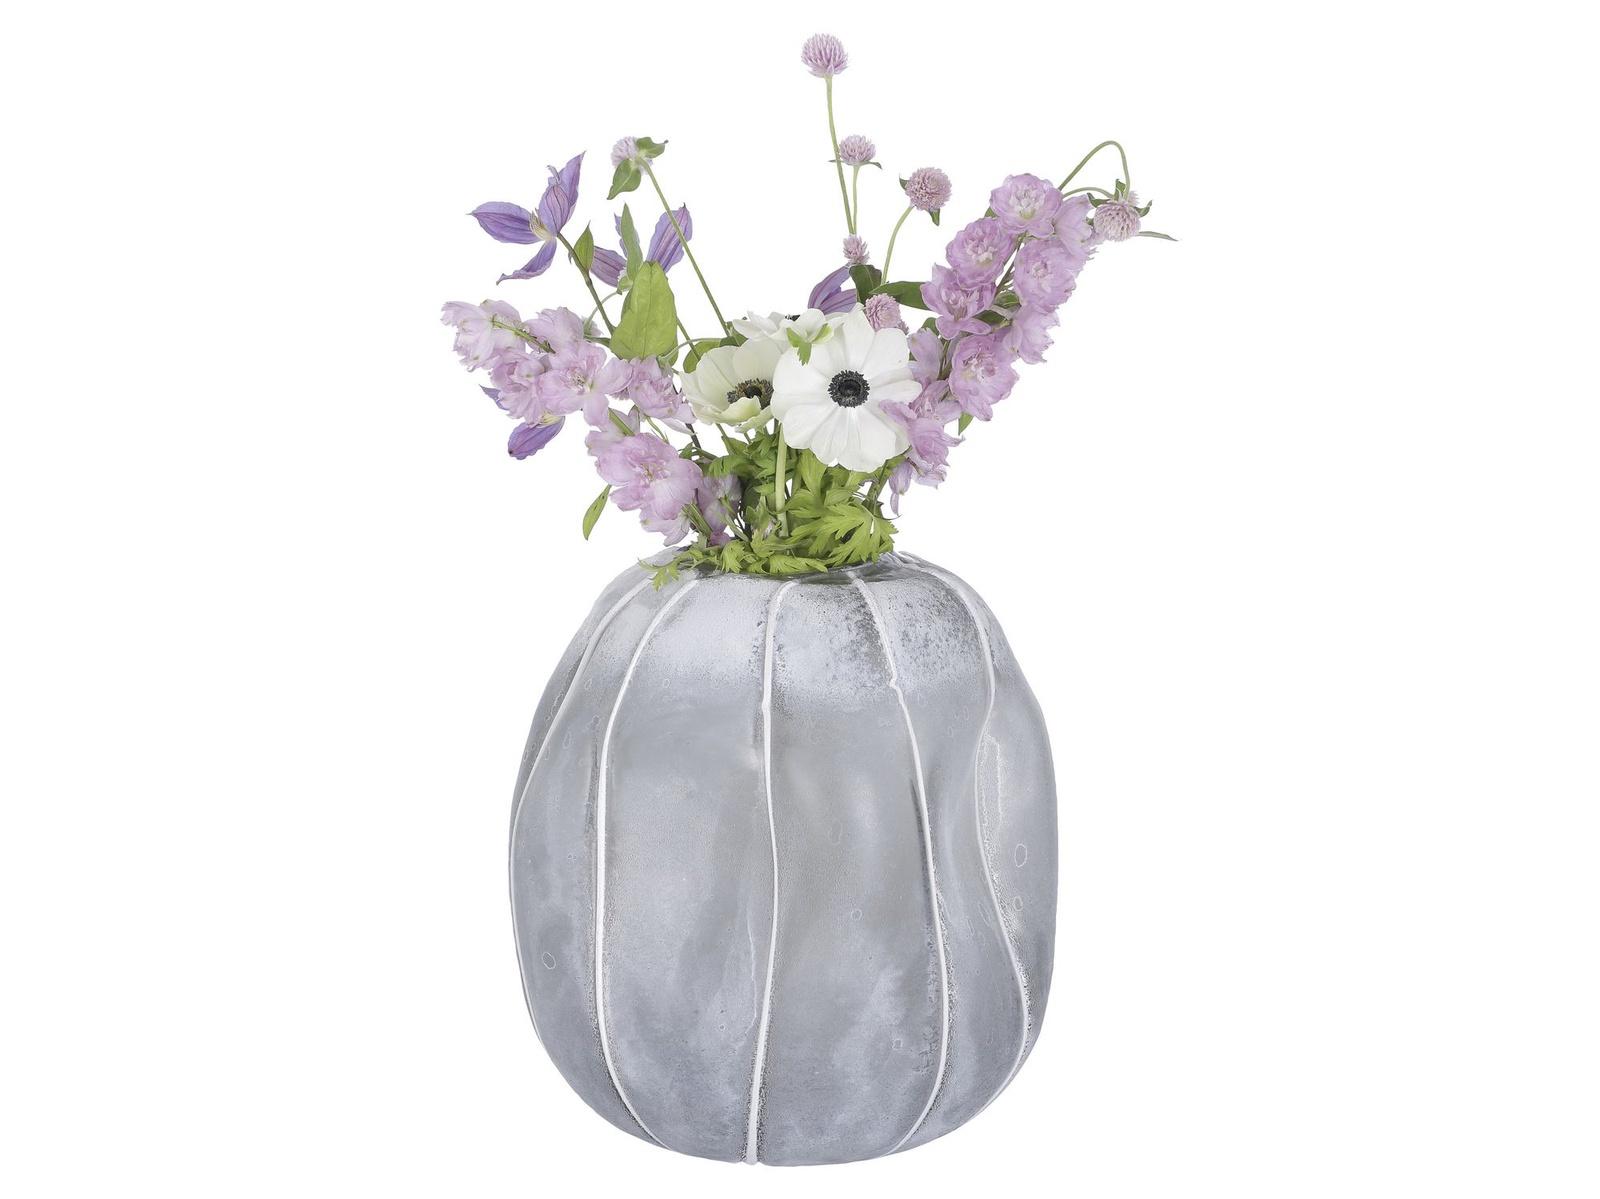 Ваза A Simple Mess Mak стеклянная, цвет: серый, высота 27 см. SM963709 ваза no brand высота 27 5 см